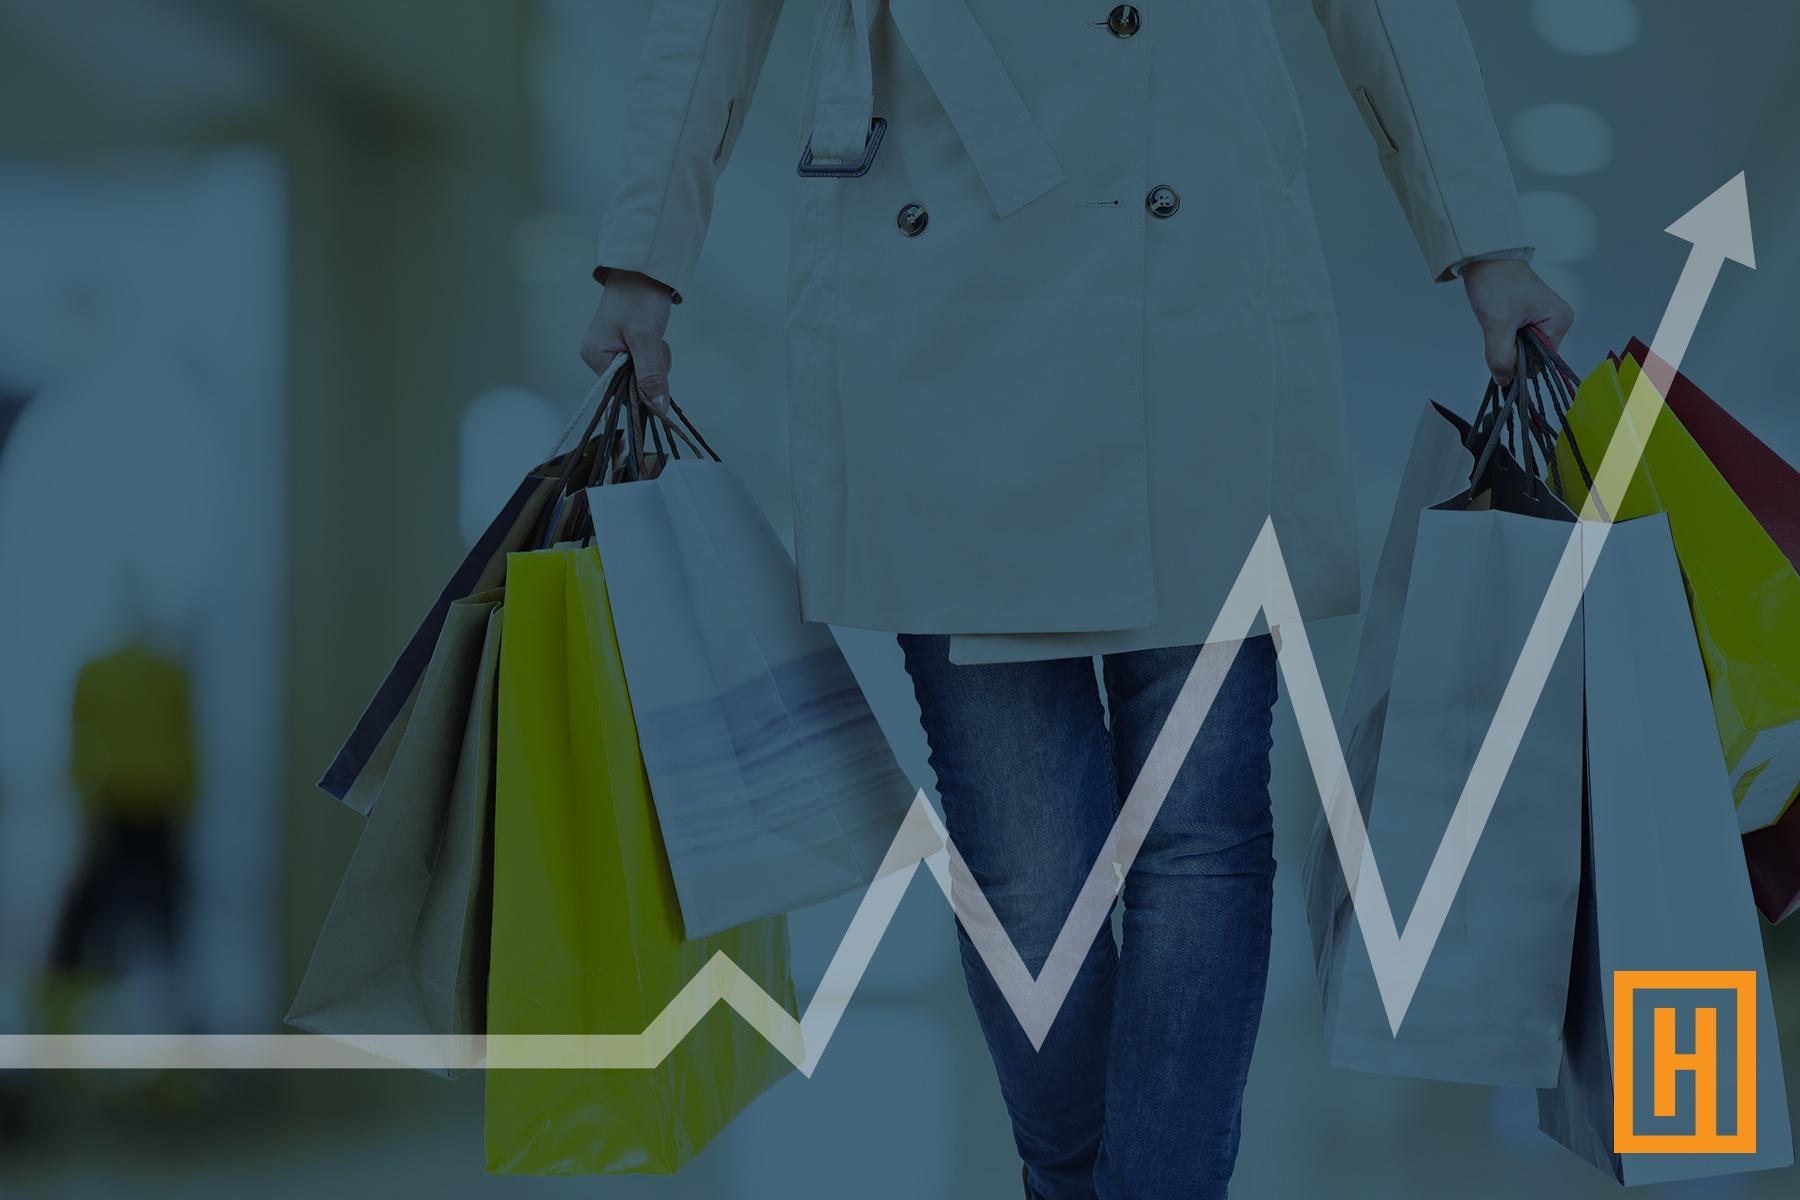 Hilton_Blog_Consumer-Confidence